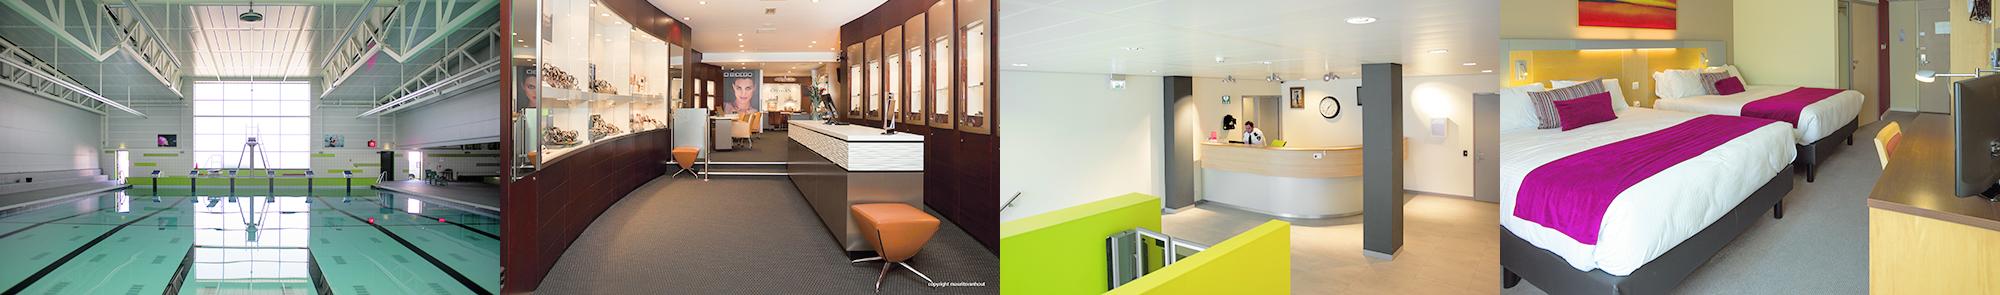 voorbeeld van interieurfotografie door Maurits van Hout Fotograaf. Ook dit is bedrijfsfotografie.